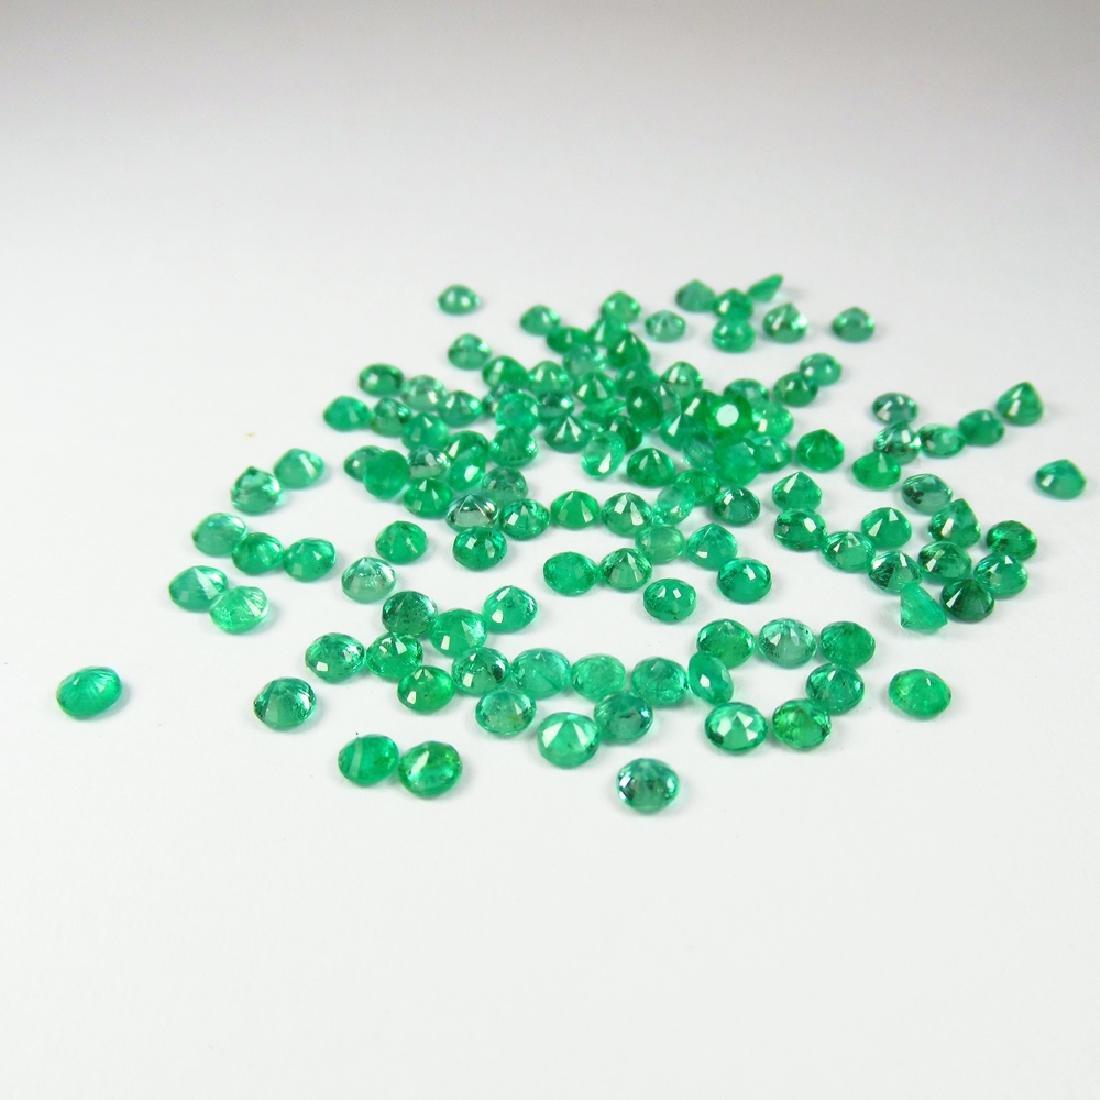 10.60 Carat Natural 123 Loose Emerald Round - 2